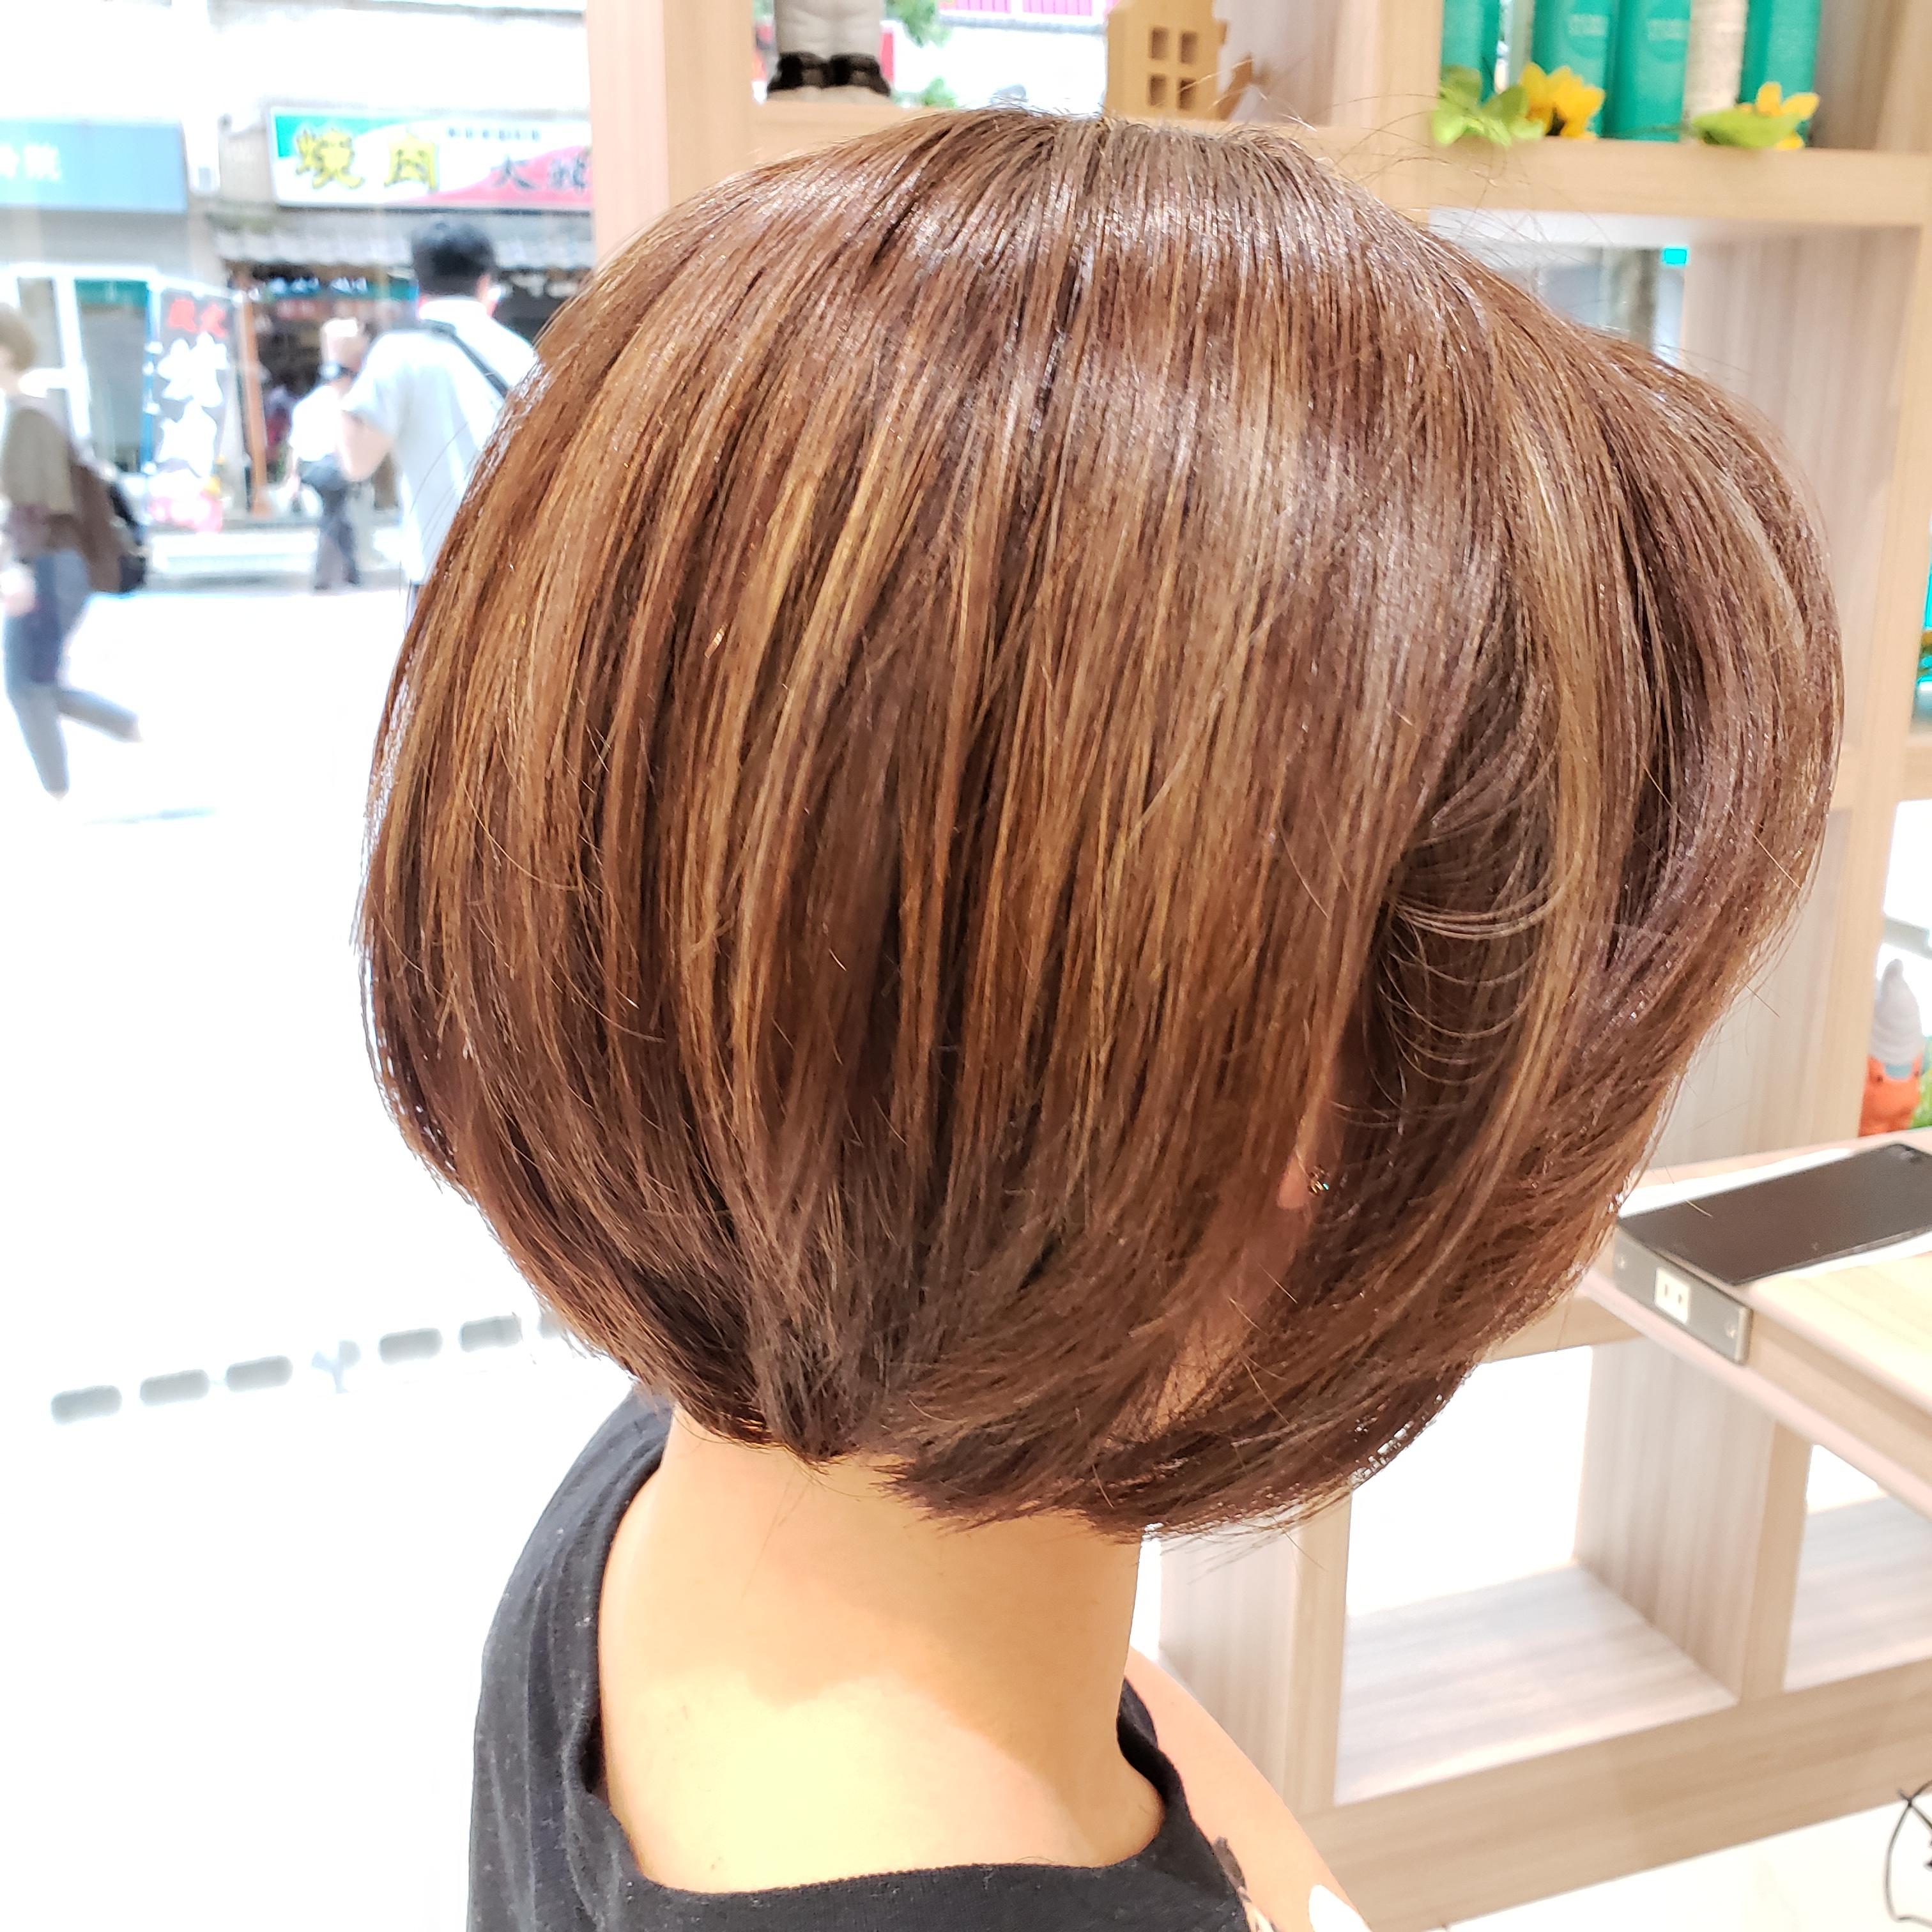 【ボブから伸ばしてる方必見】長さを変えずに髪をすく方法とは?